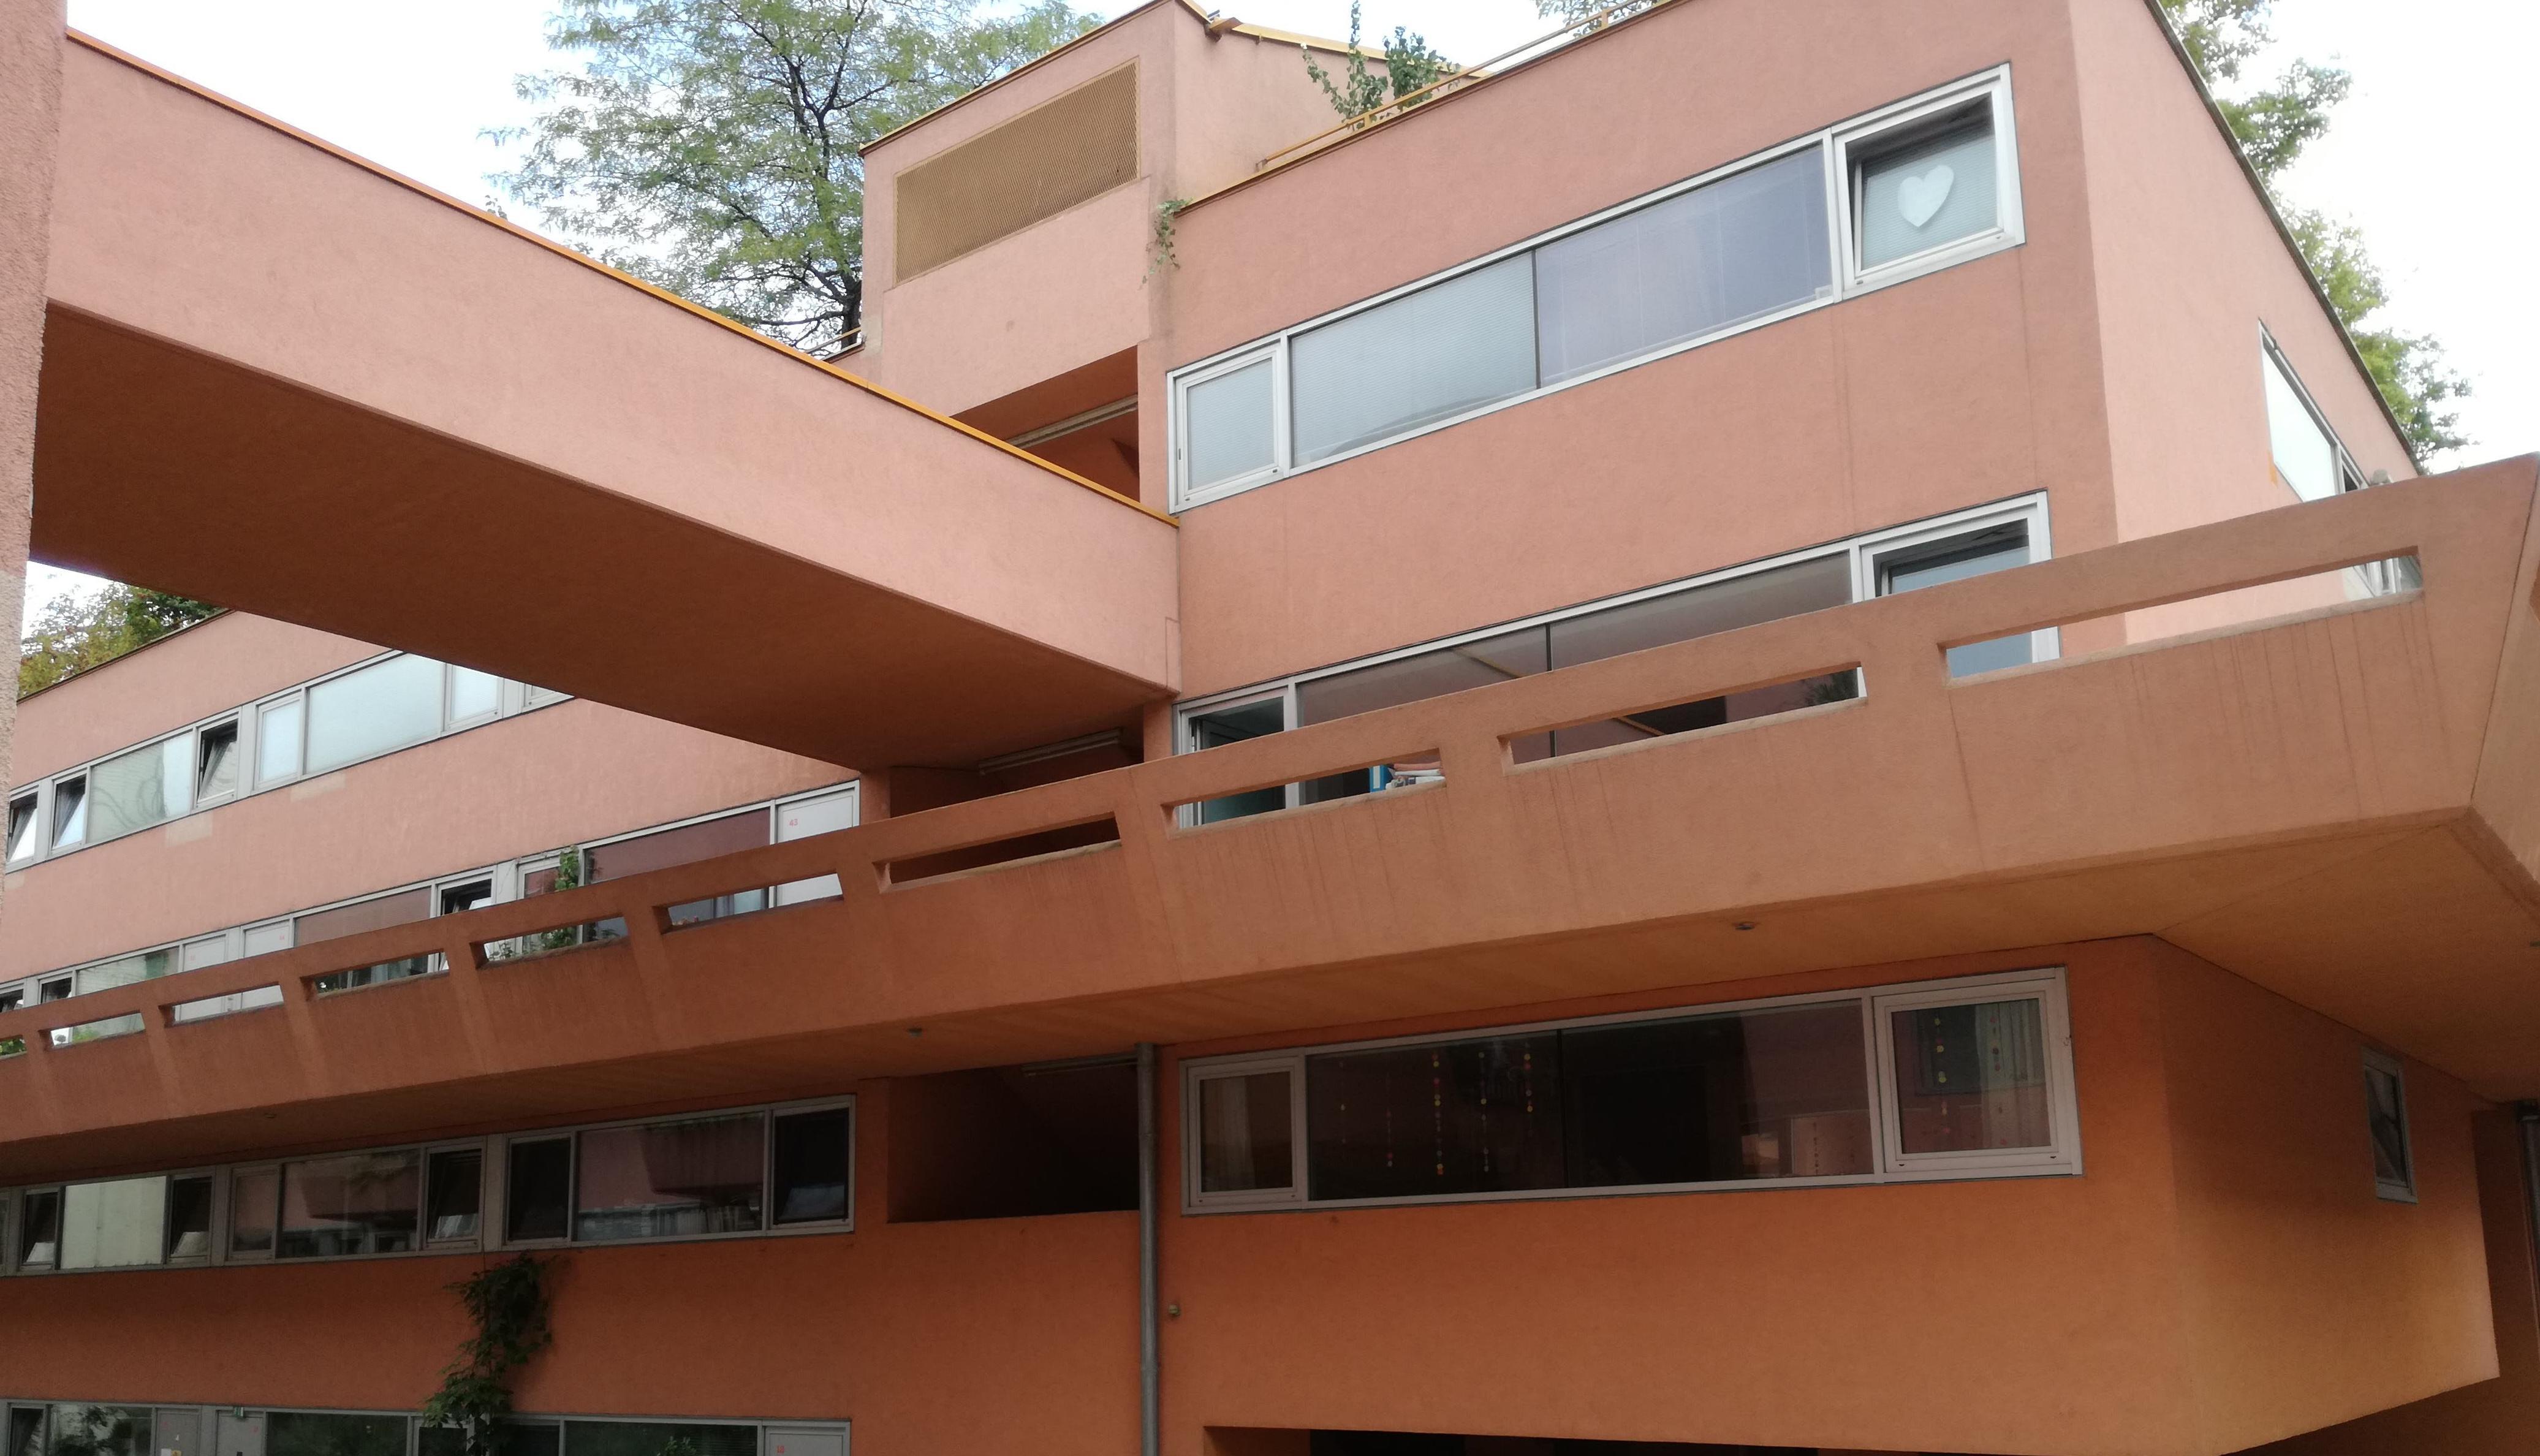 Az épület az udvarról